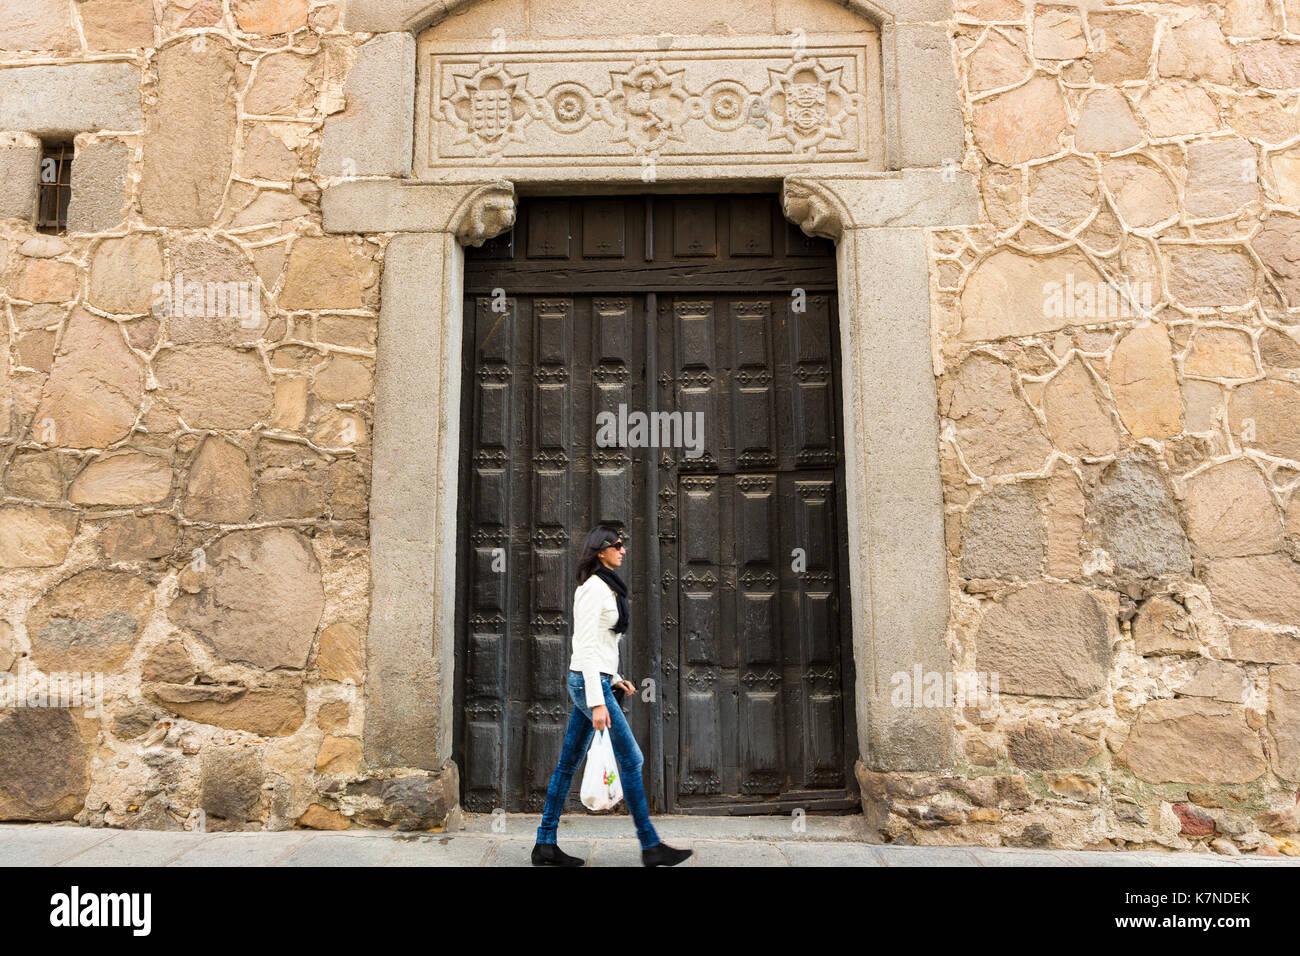 Die Menschen flanieren in der Altstadt von Avila, Spanien Stockbild